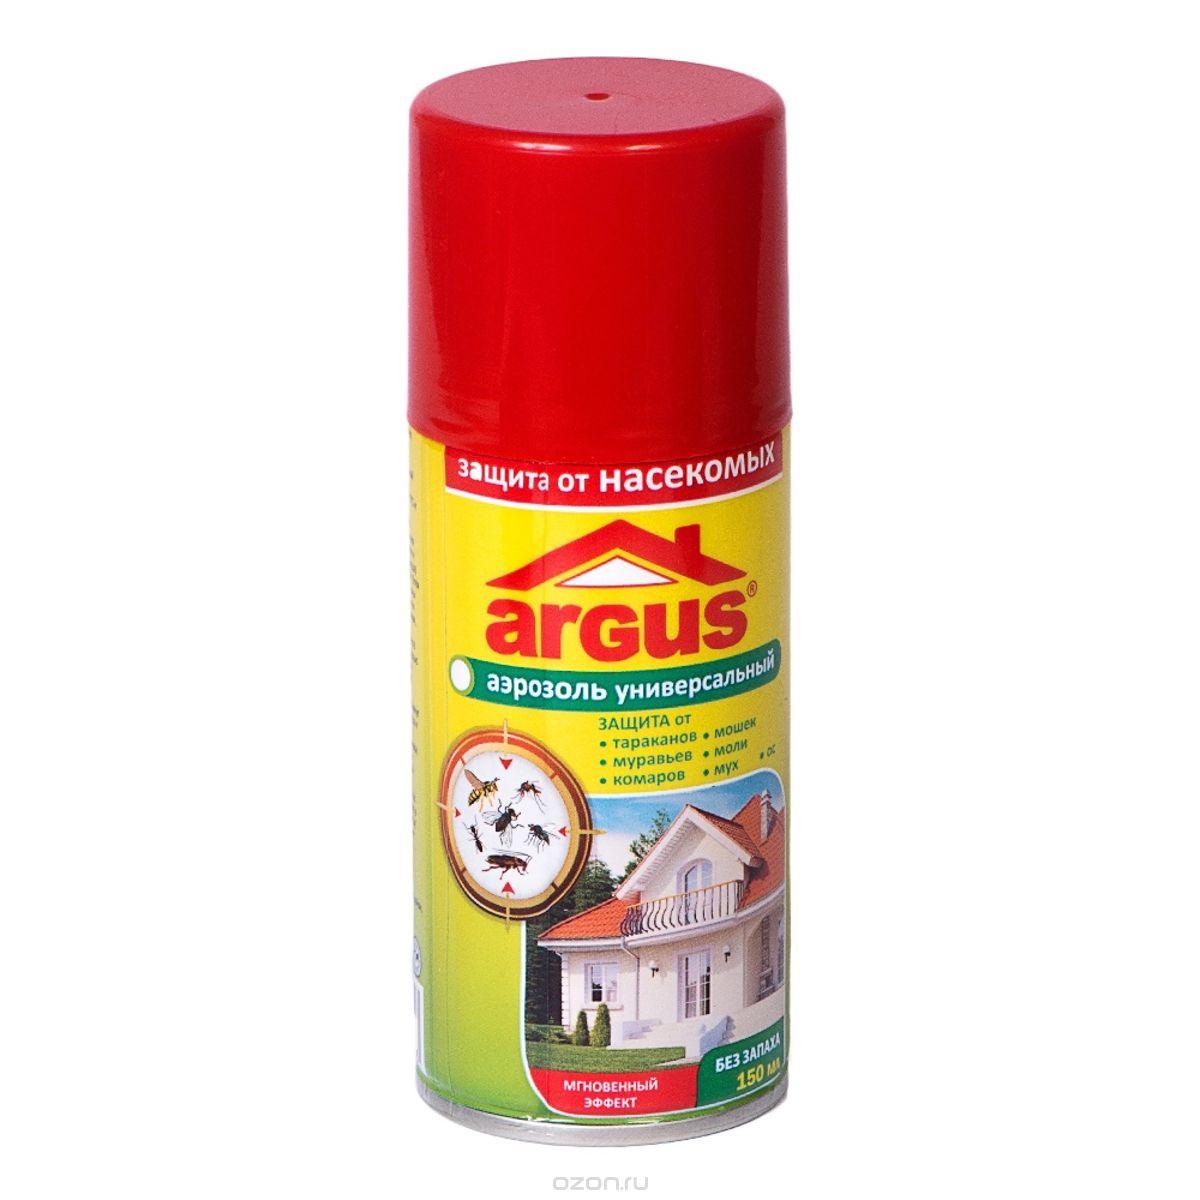 Аэрозоль от кровососущих насекомых Argus, 150 млRC-100BPCУниверсальный аэрозоль Argus используется для защиты от кровососущих насекомых (комаров, клещей, мокрецов, москитов, мошек) при обработке одежды, занавесей, противомоскитных сеток и другого снаряжения из ткани. Товар сертифицирован.